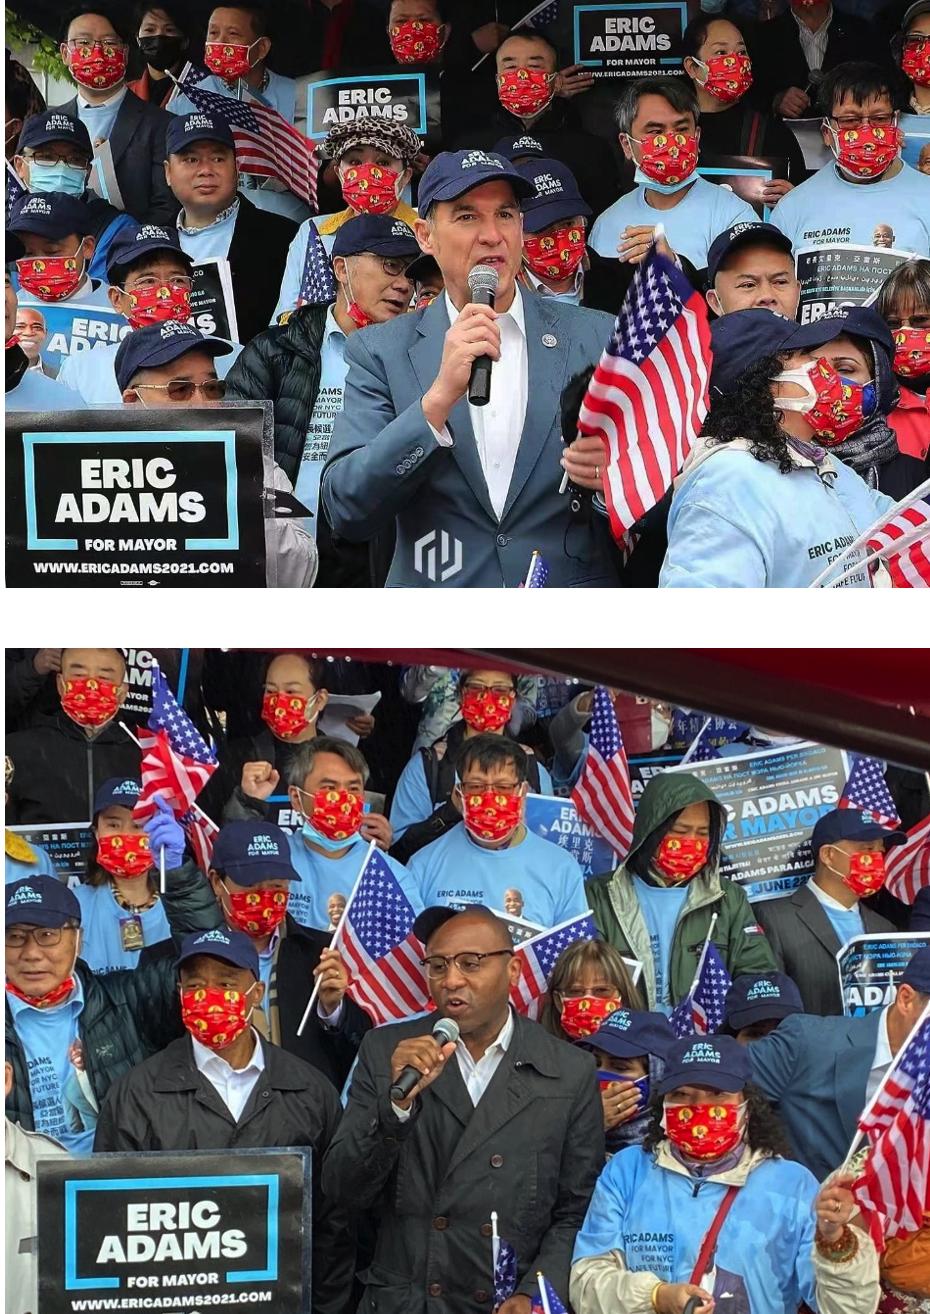 美国V视高娓娓:纽约市长候选人埃里克·亚当斯华之友会第三次造势大会在法拉盛举行 .. ..._图1-4